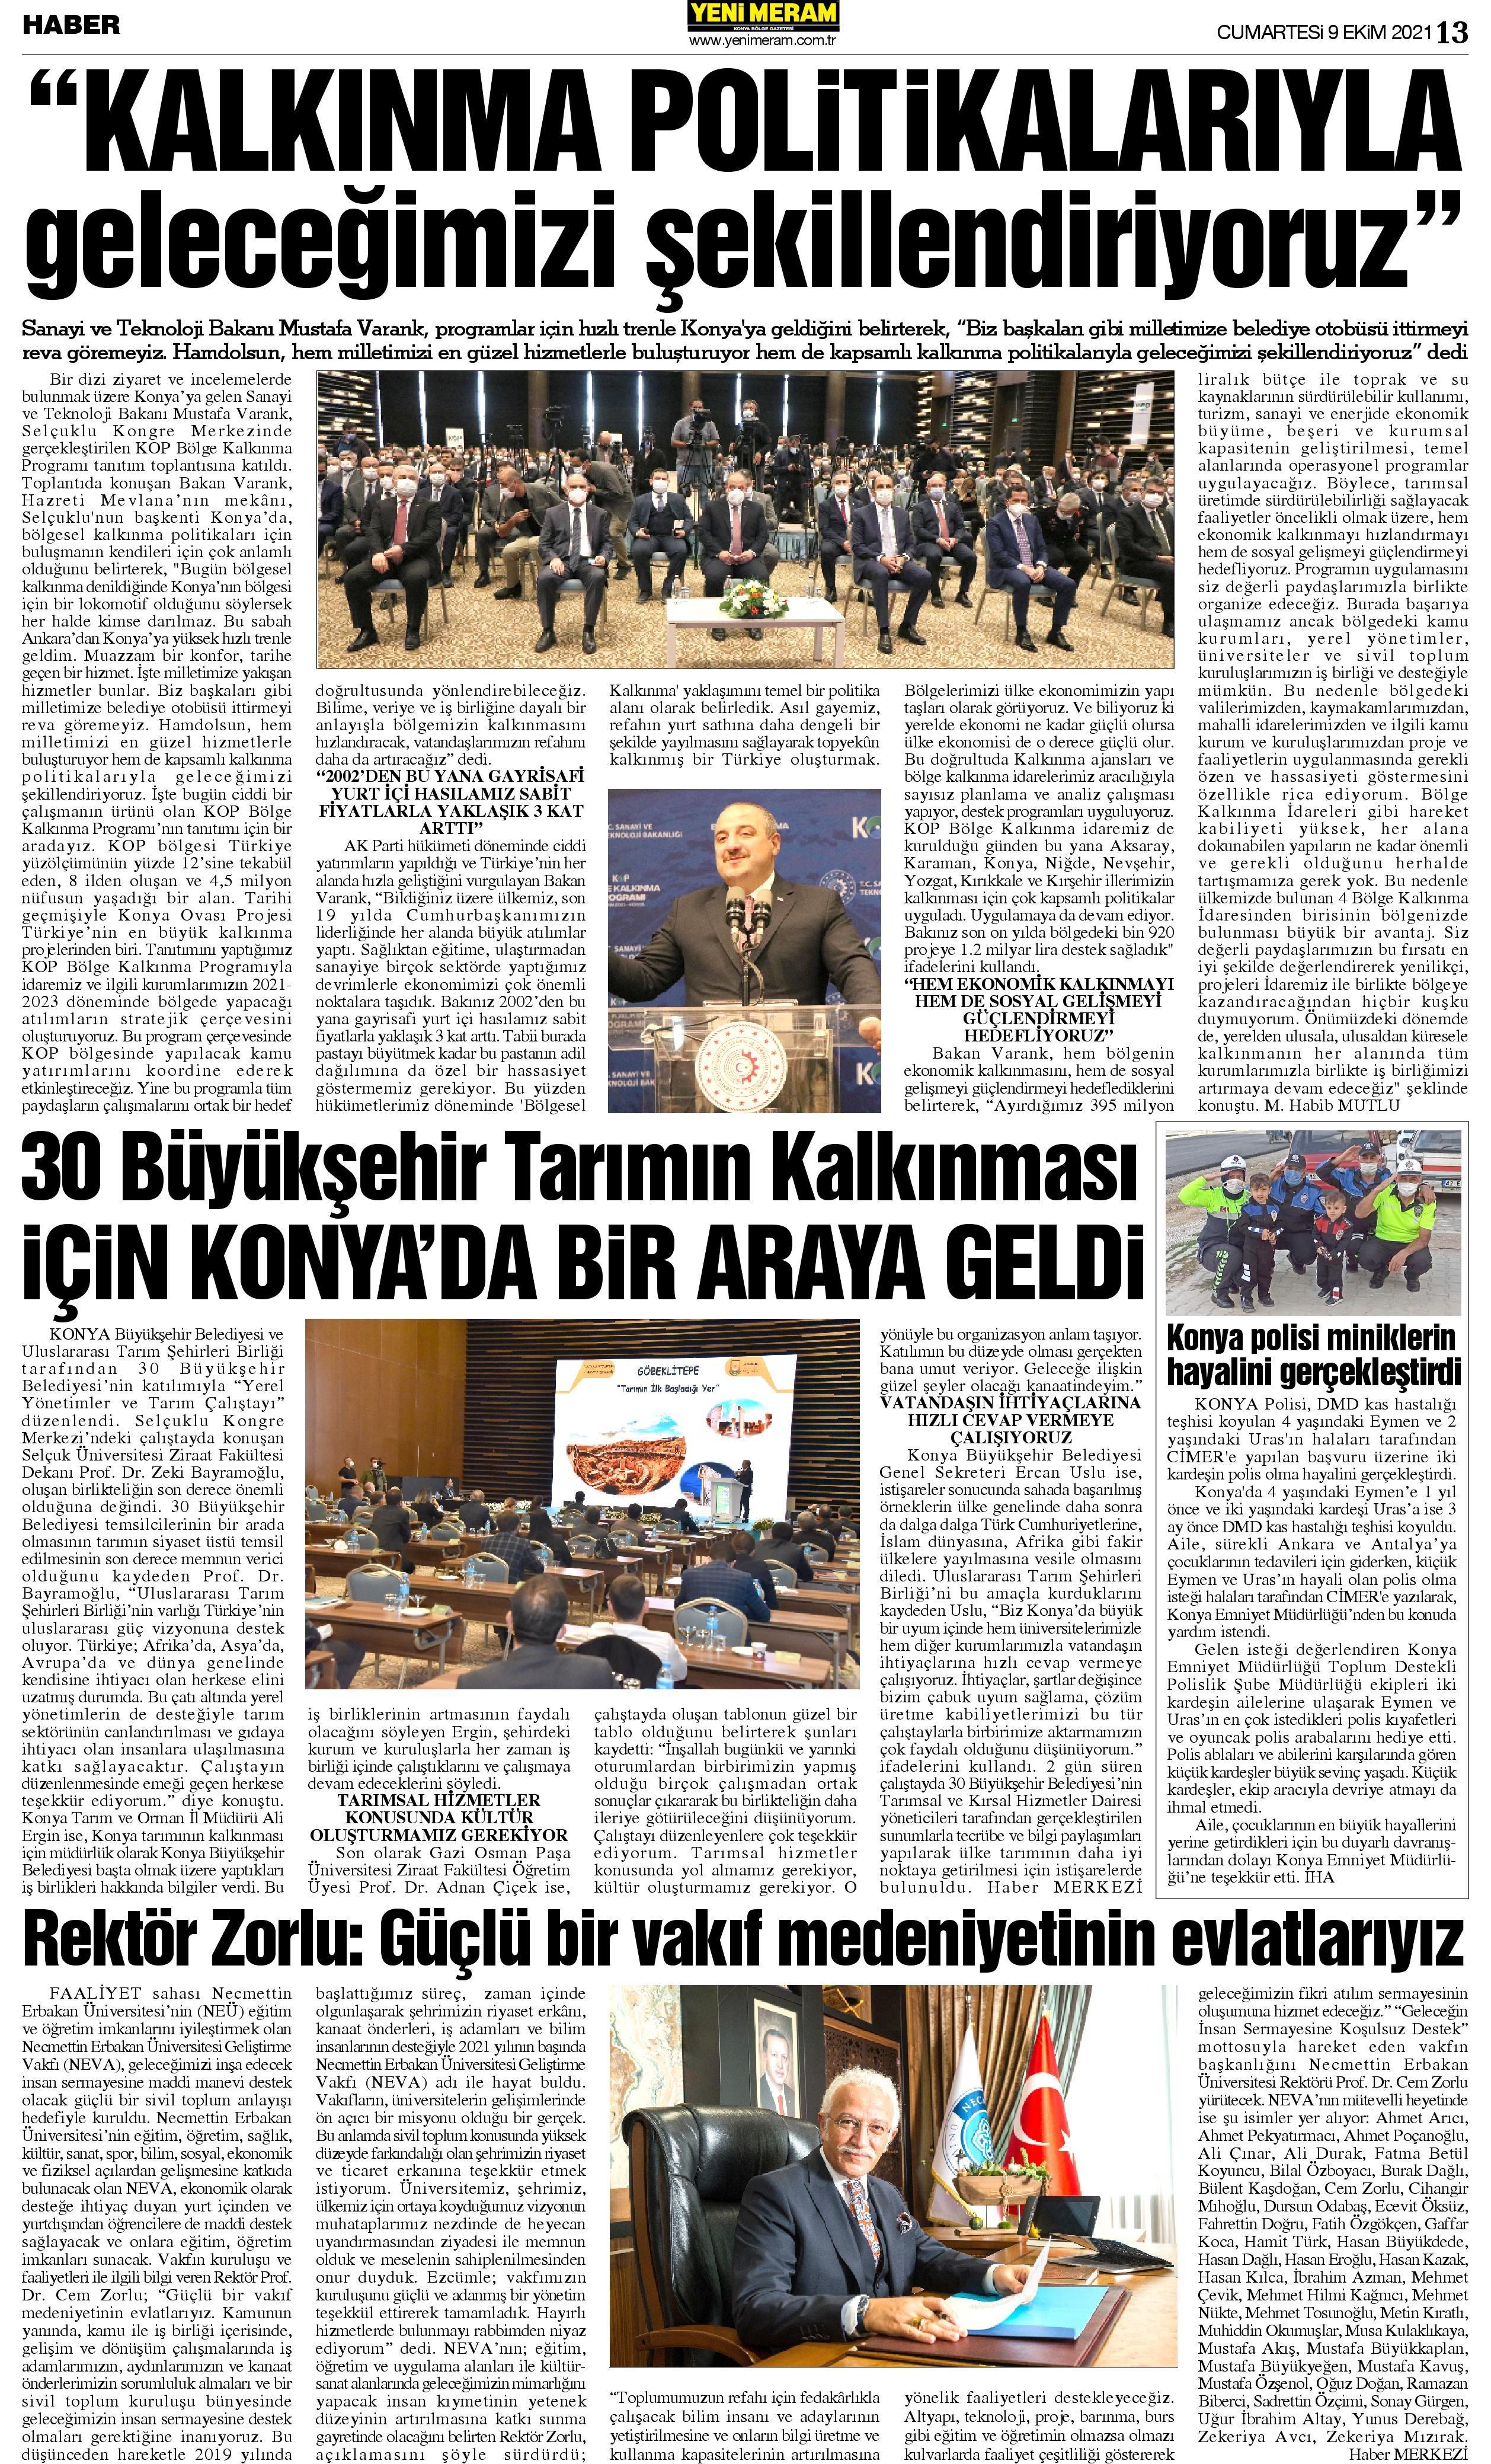 9 Ekim 2021 Yeni Meram Gazetesi